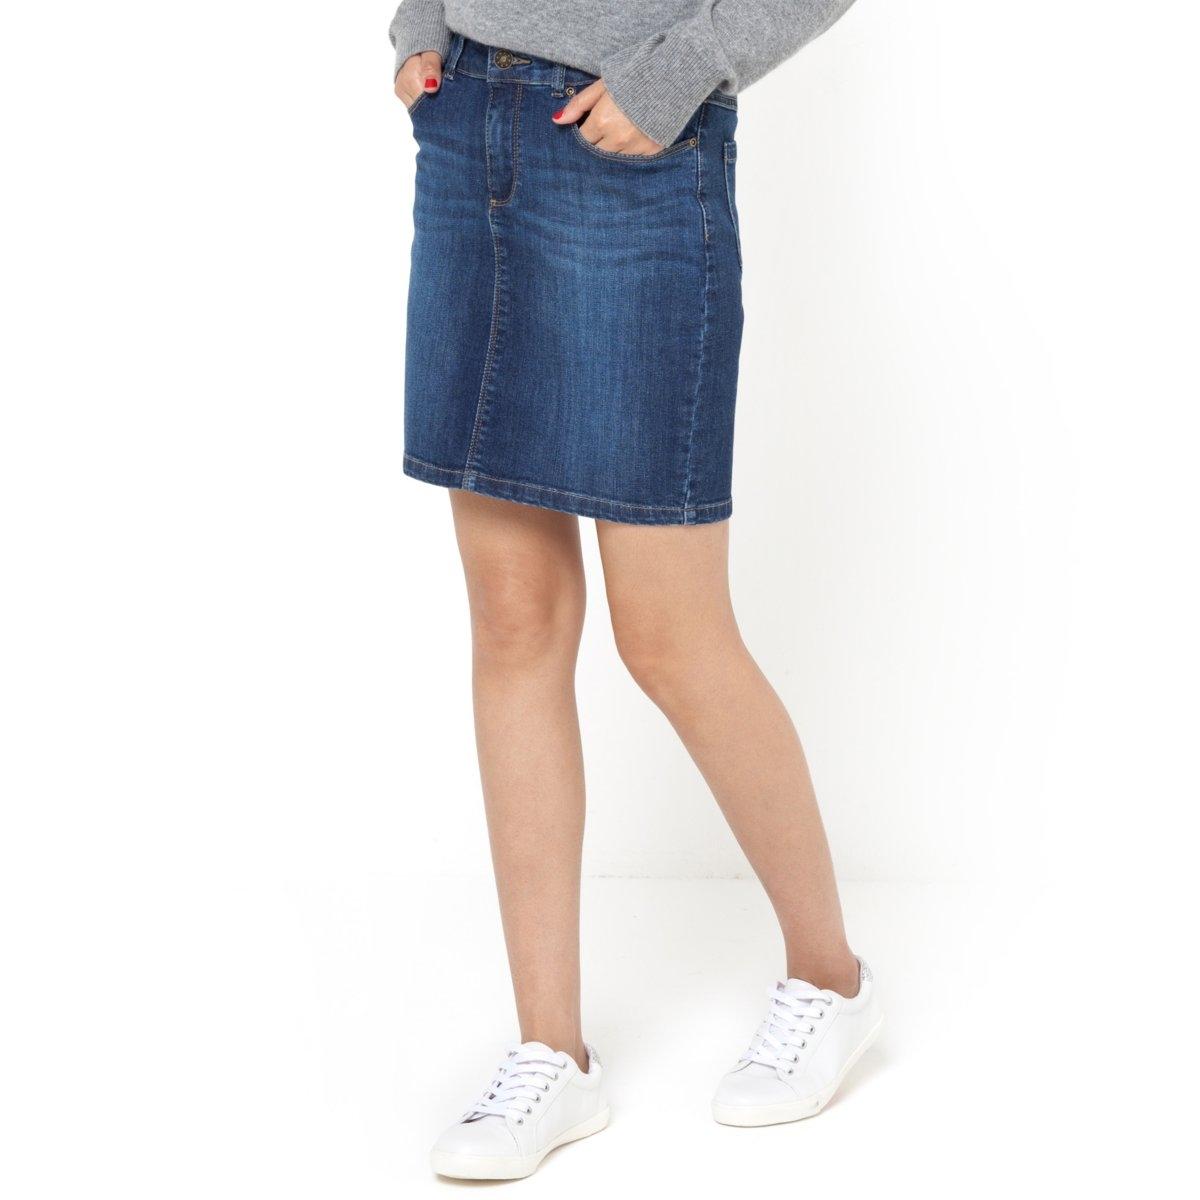 Юбка джинсовая стретч